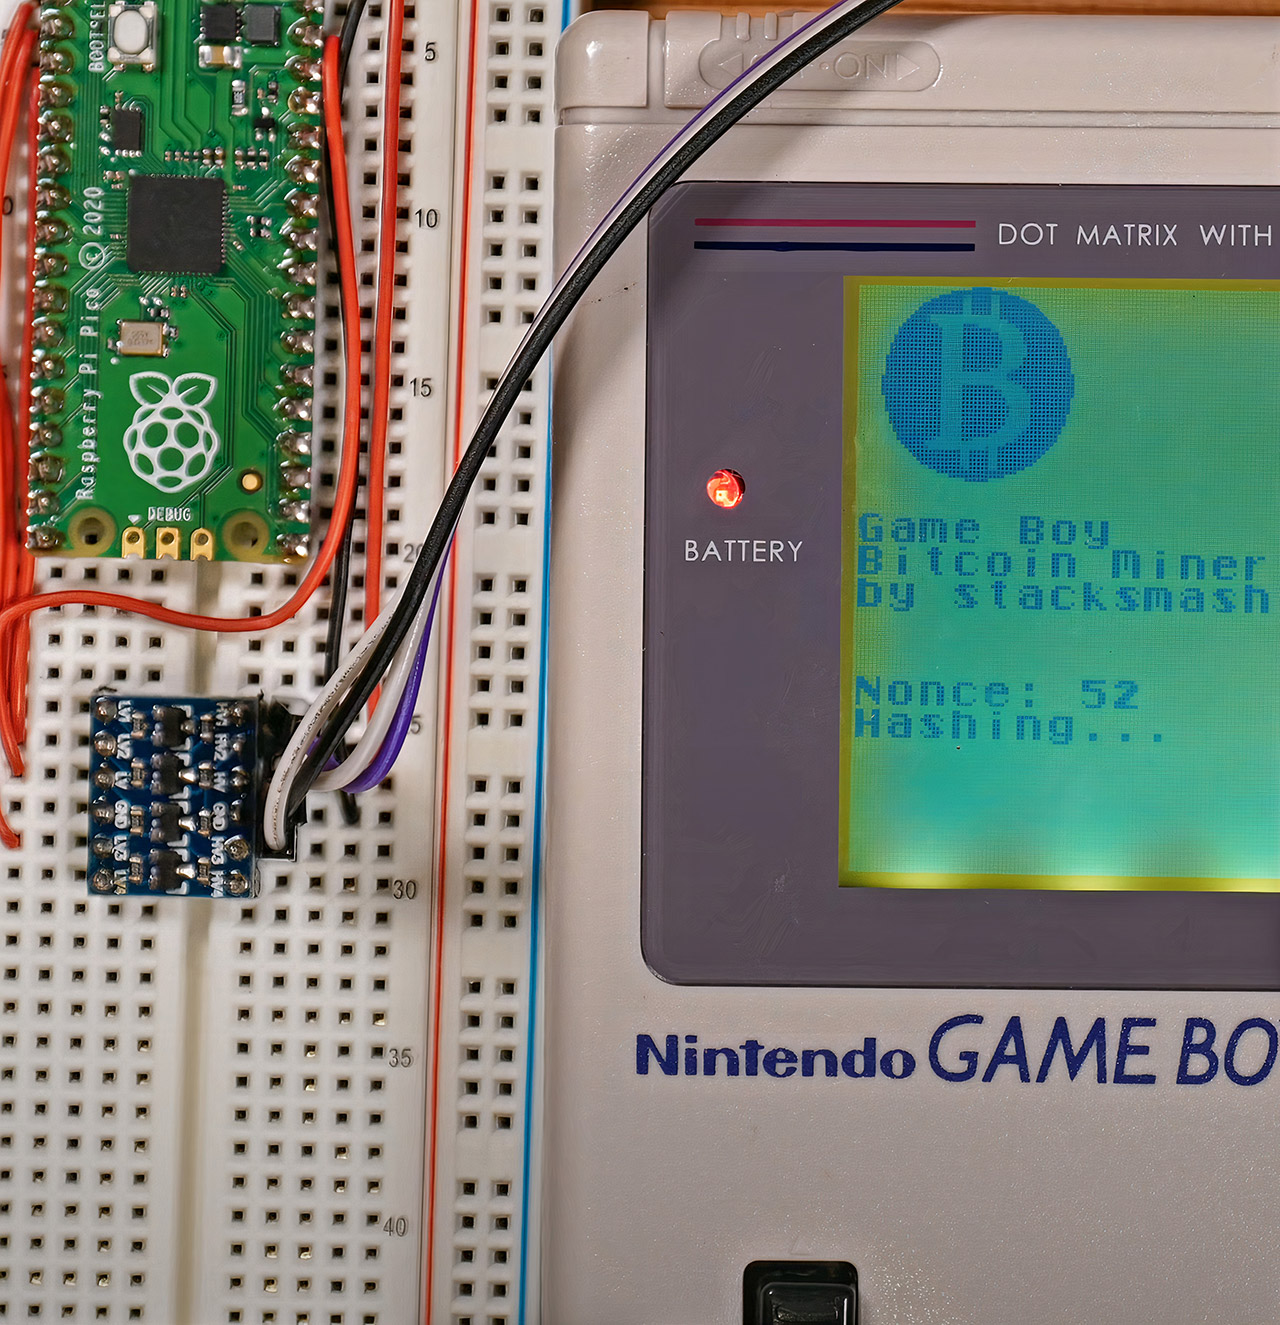 Nintendo Game Boy Bitcoin Mining